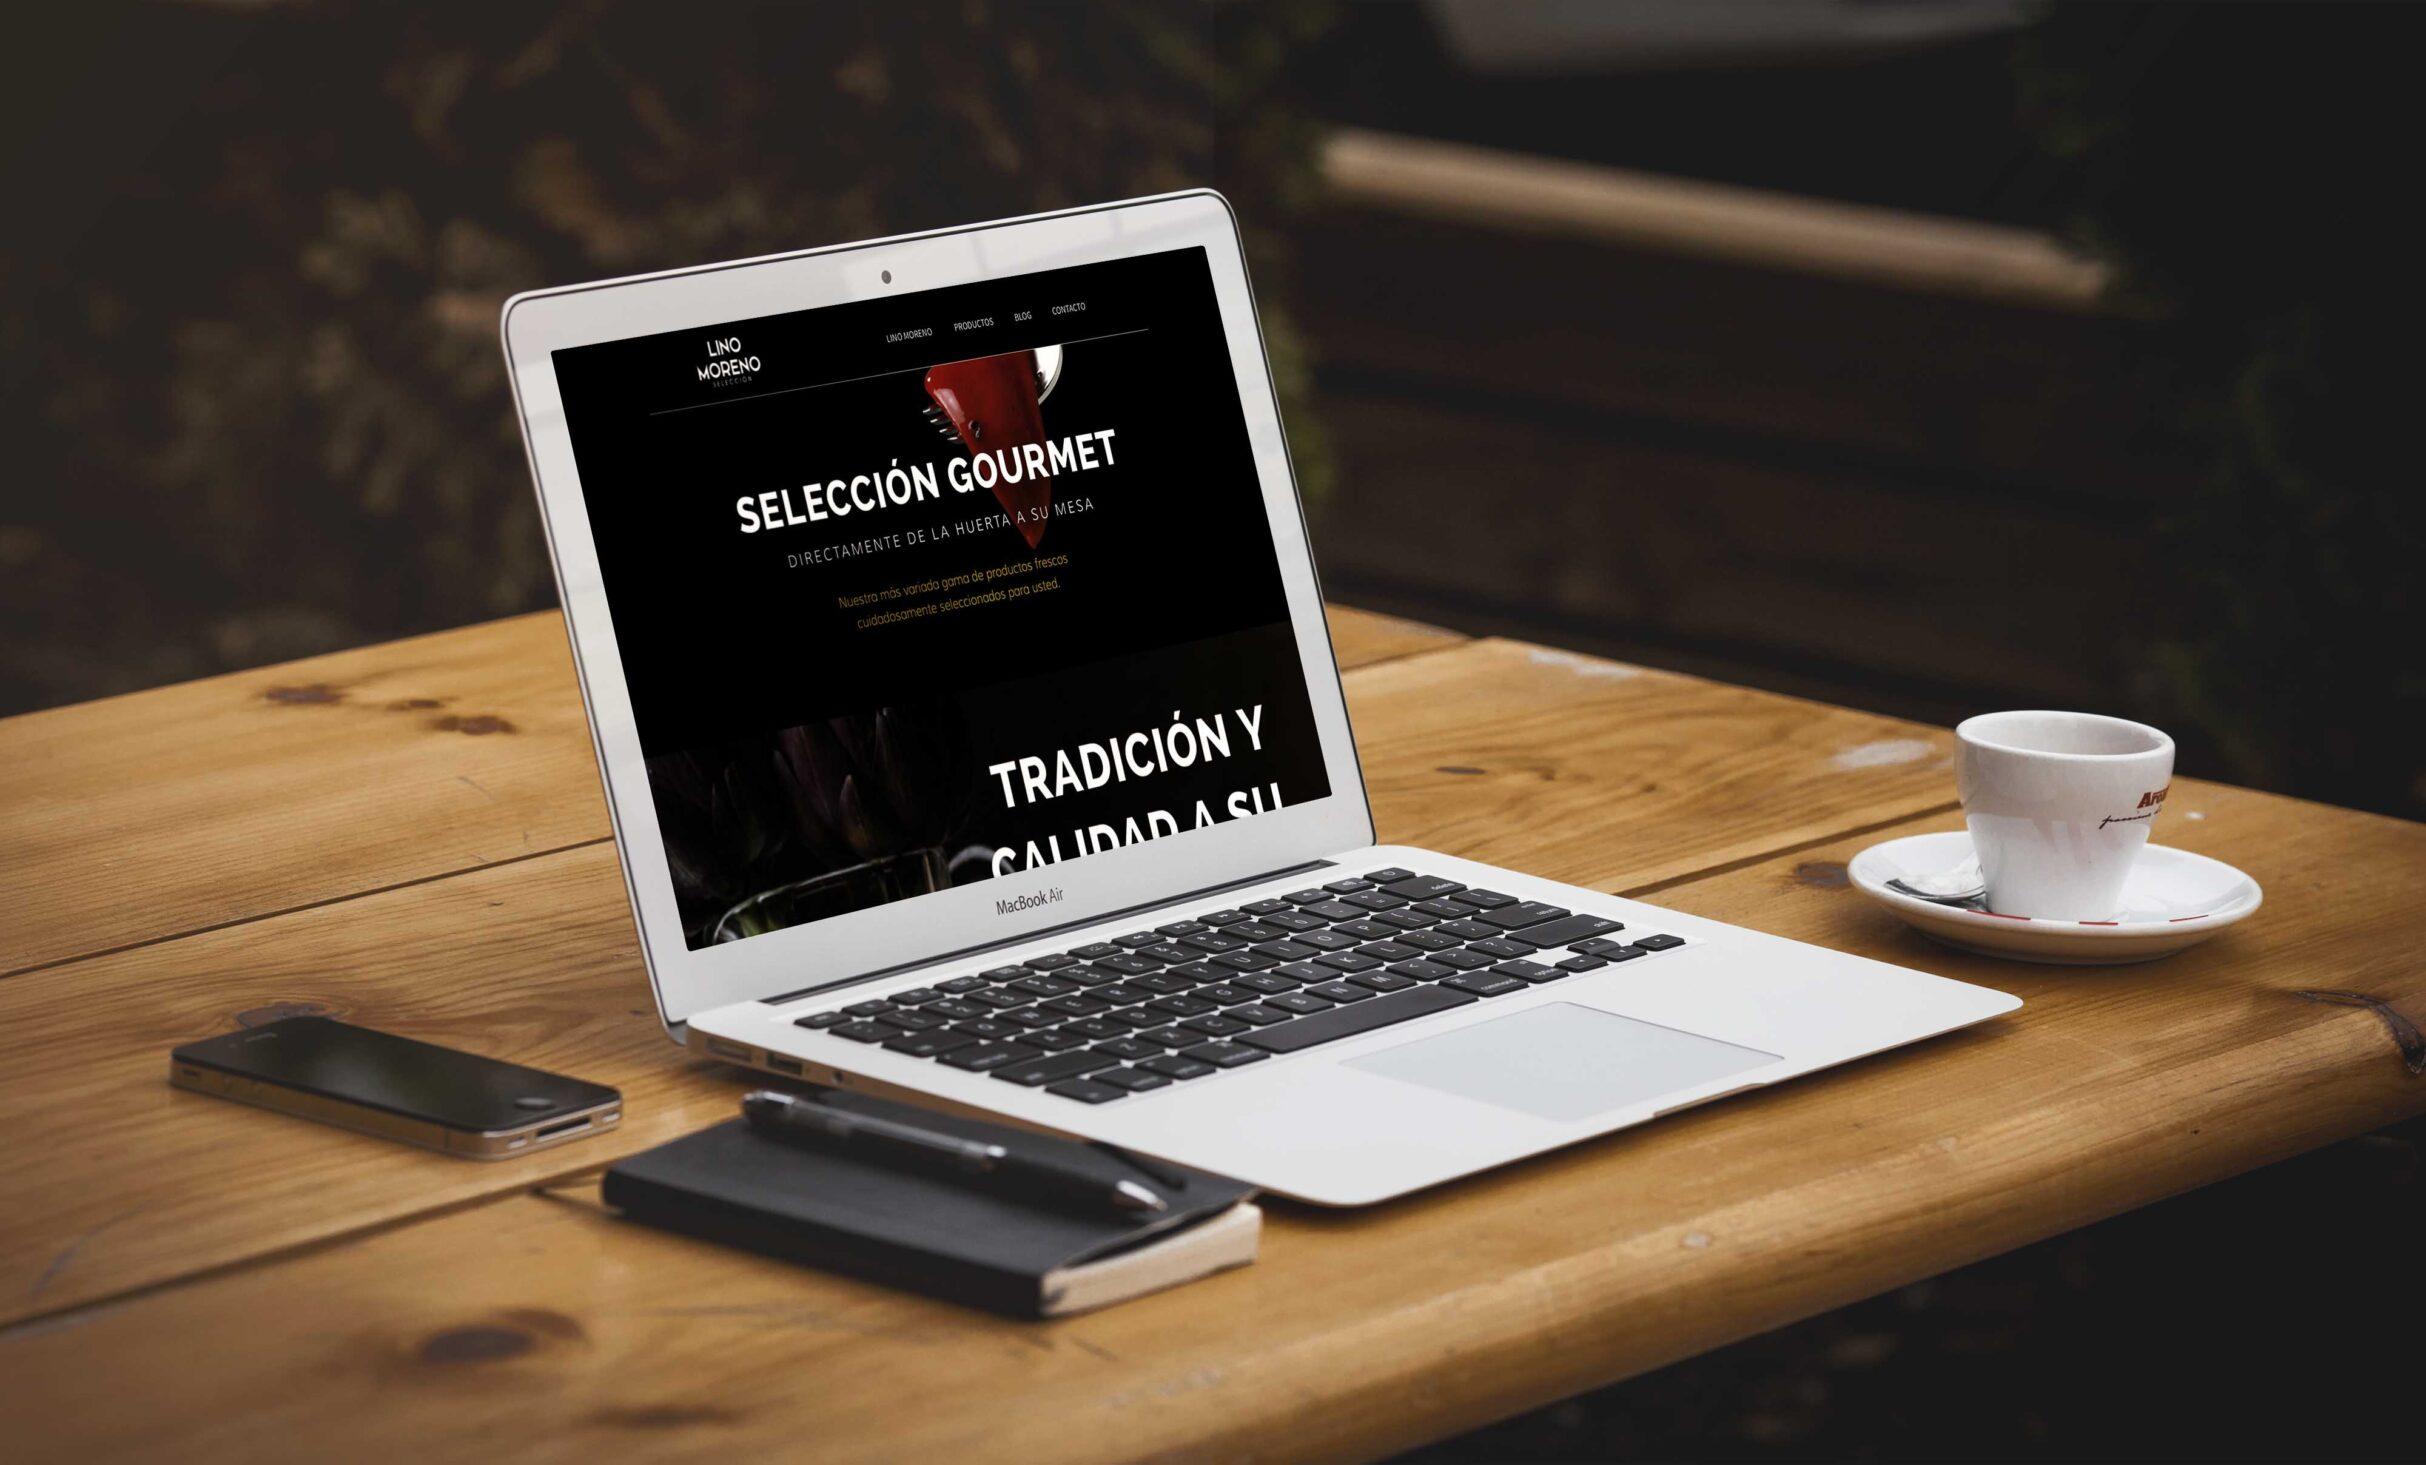 diseño de paginas web con wordpress y woocommerce en vitoria, la factoria grafica en la agencia de publicidad y marketing digital en vitoria